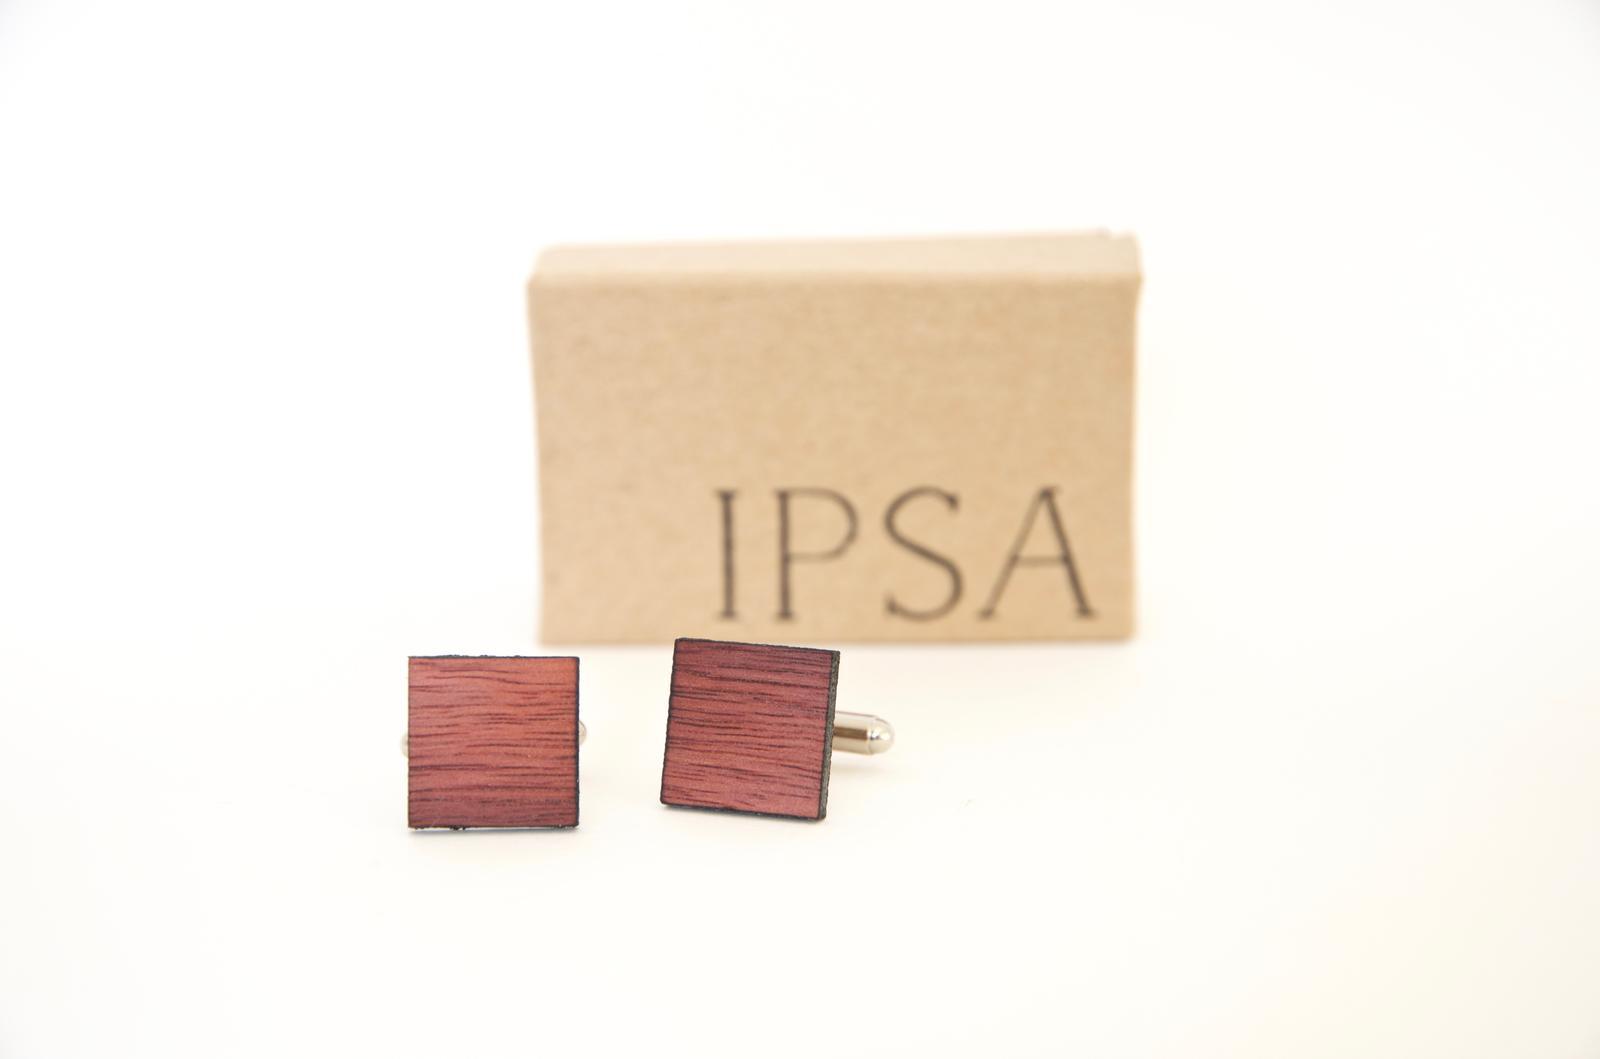 Ipsa Designs - Cufflinks